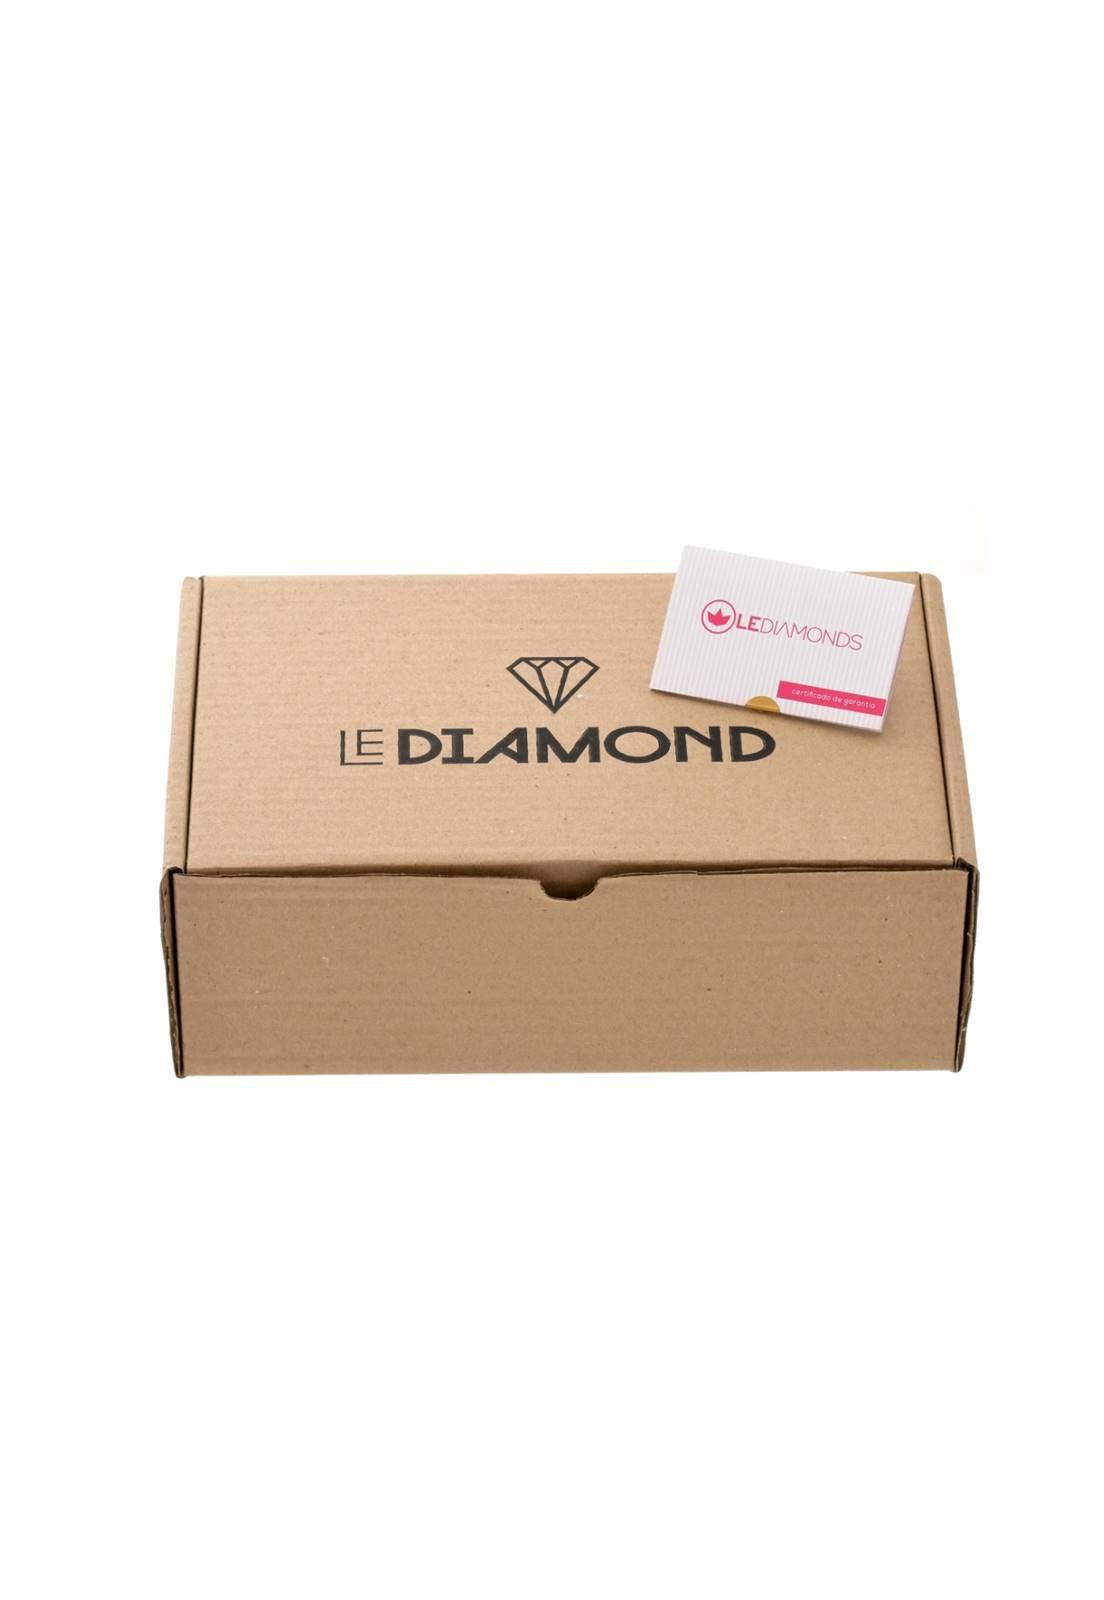 Brinco Le Diamond J de Zircônia Prata